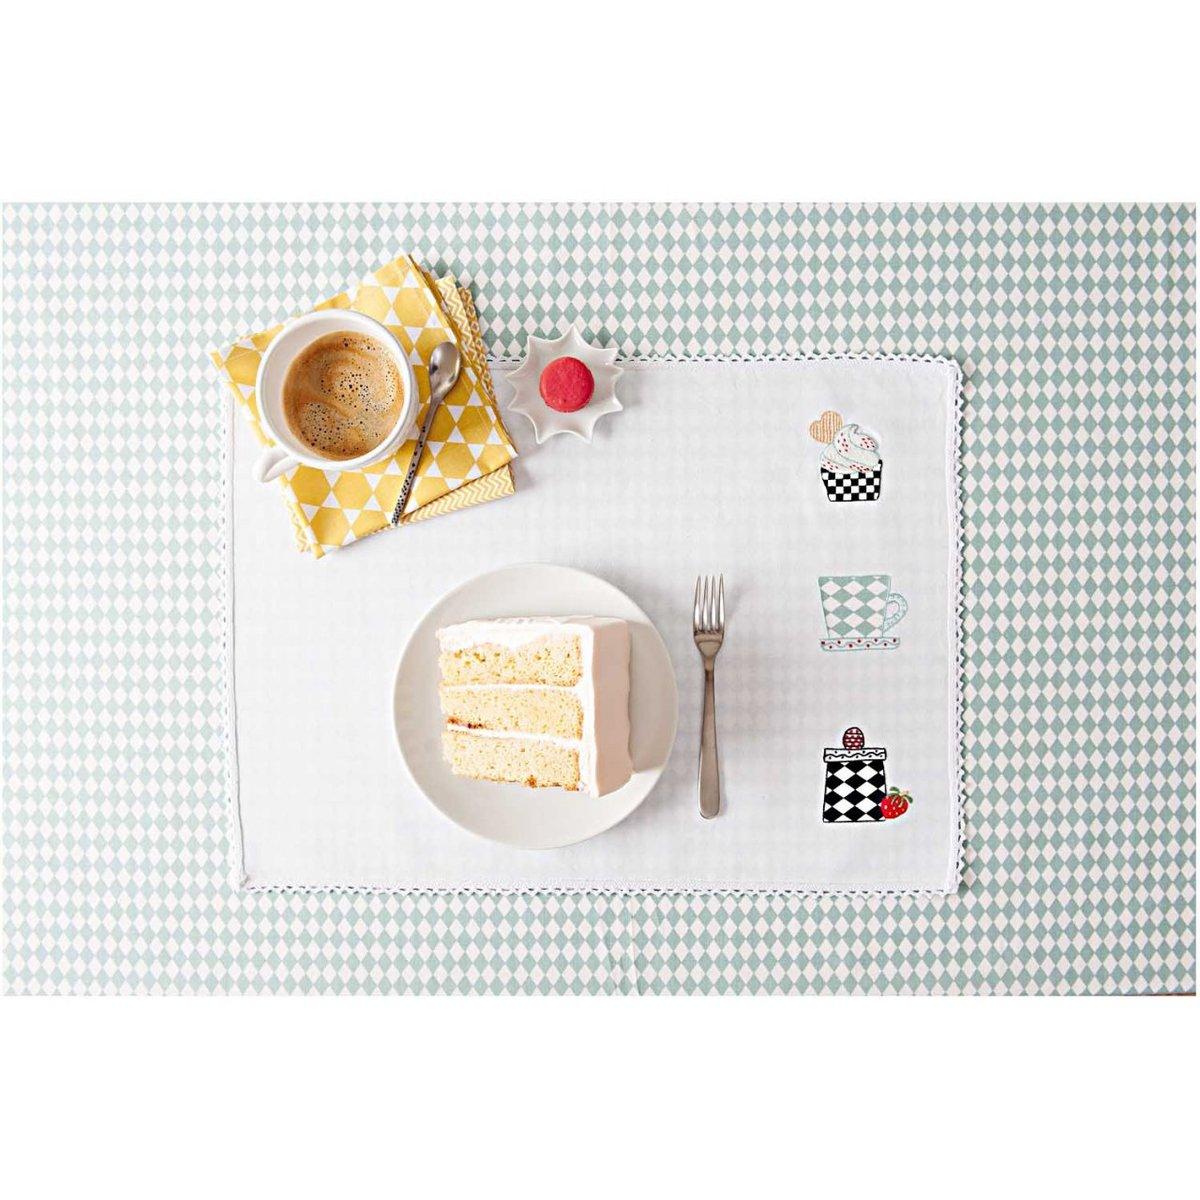 Bild 2 von Rico Design Stickpackung Platzset Geschirr